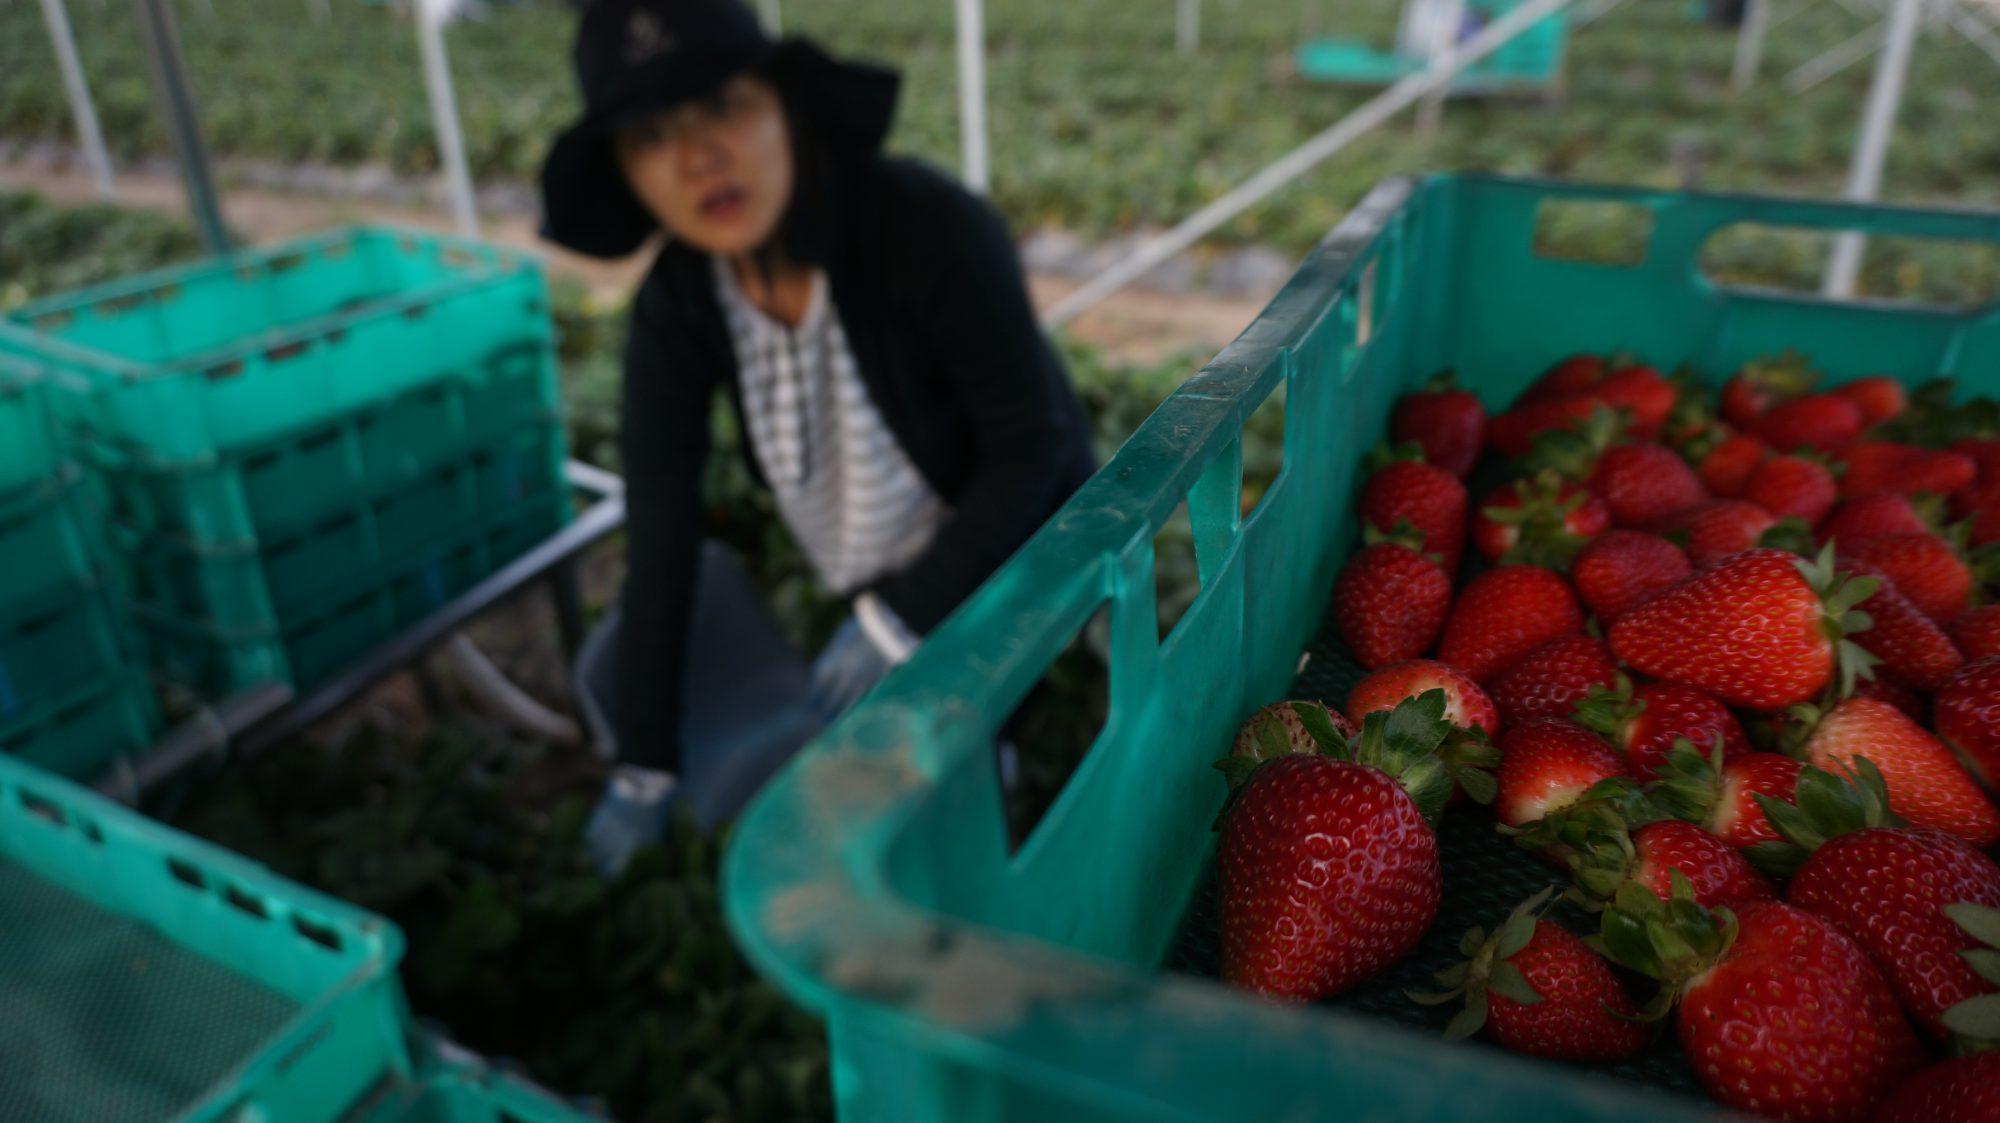 딸기밭에서 일하고 있는 김멋지 ⓒ서른, 결혼 대신 야반도주